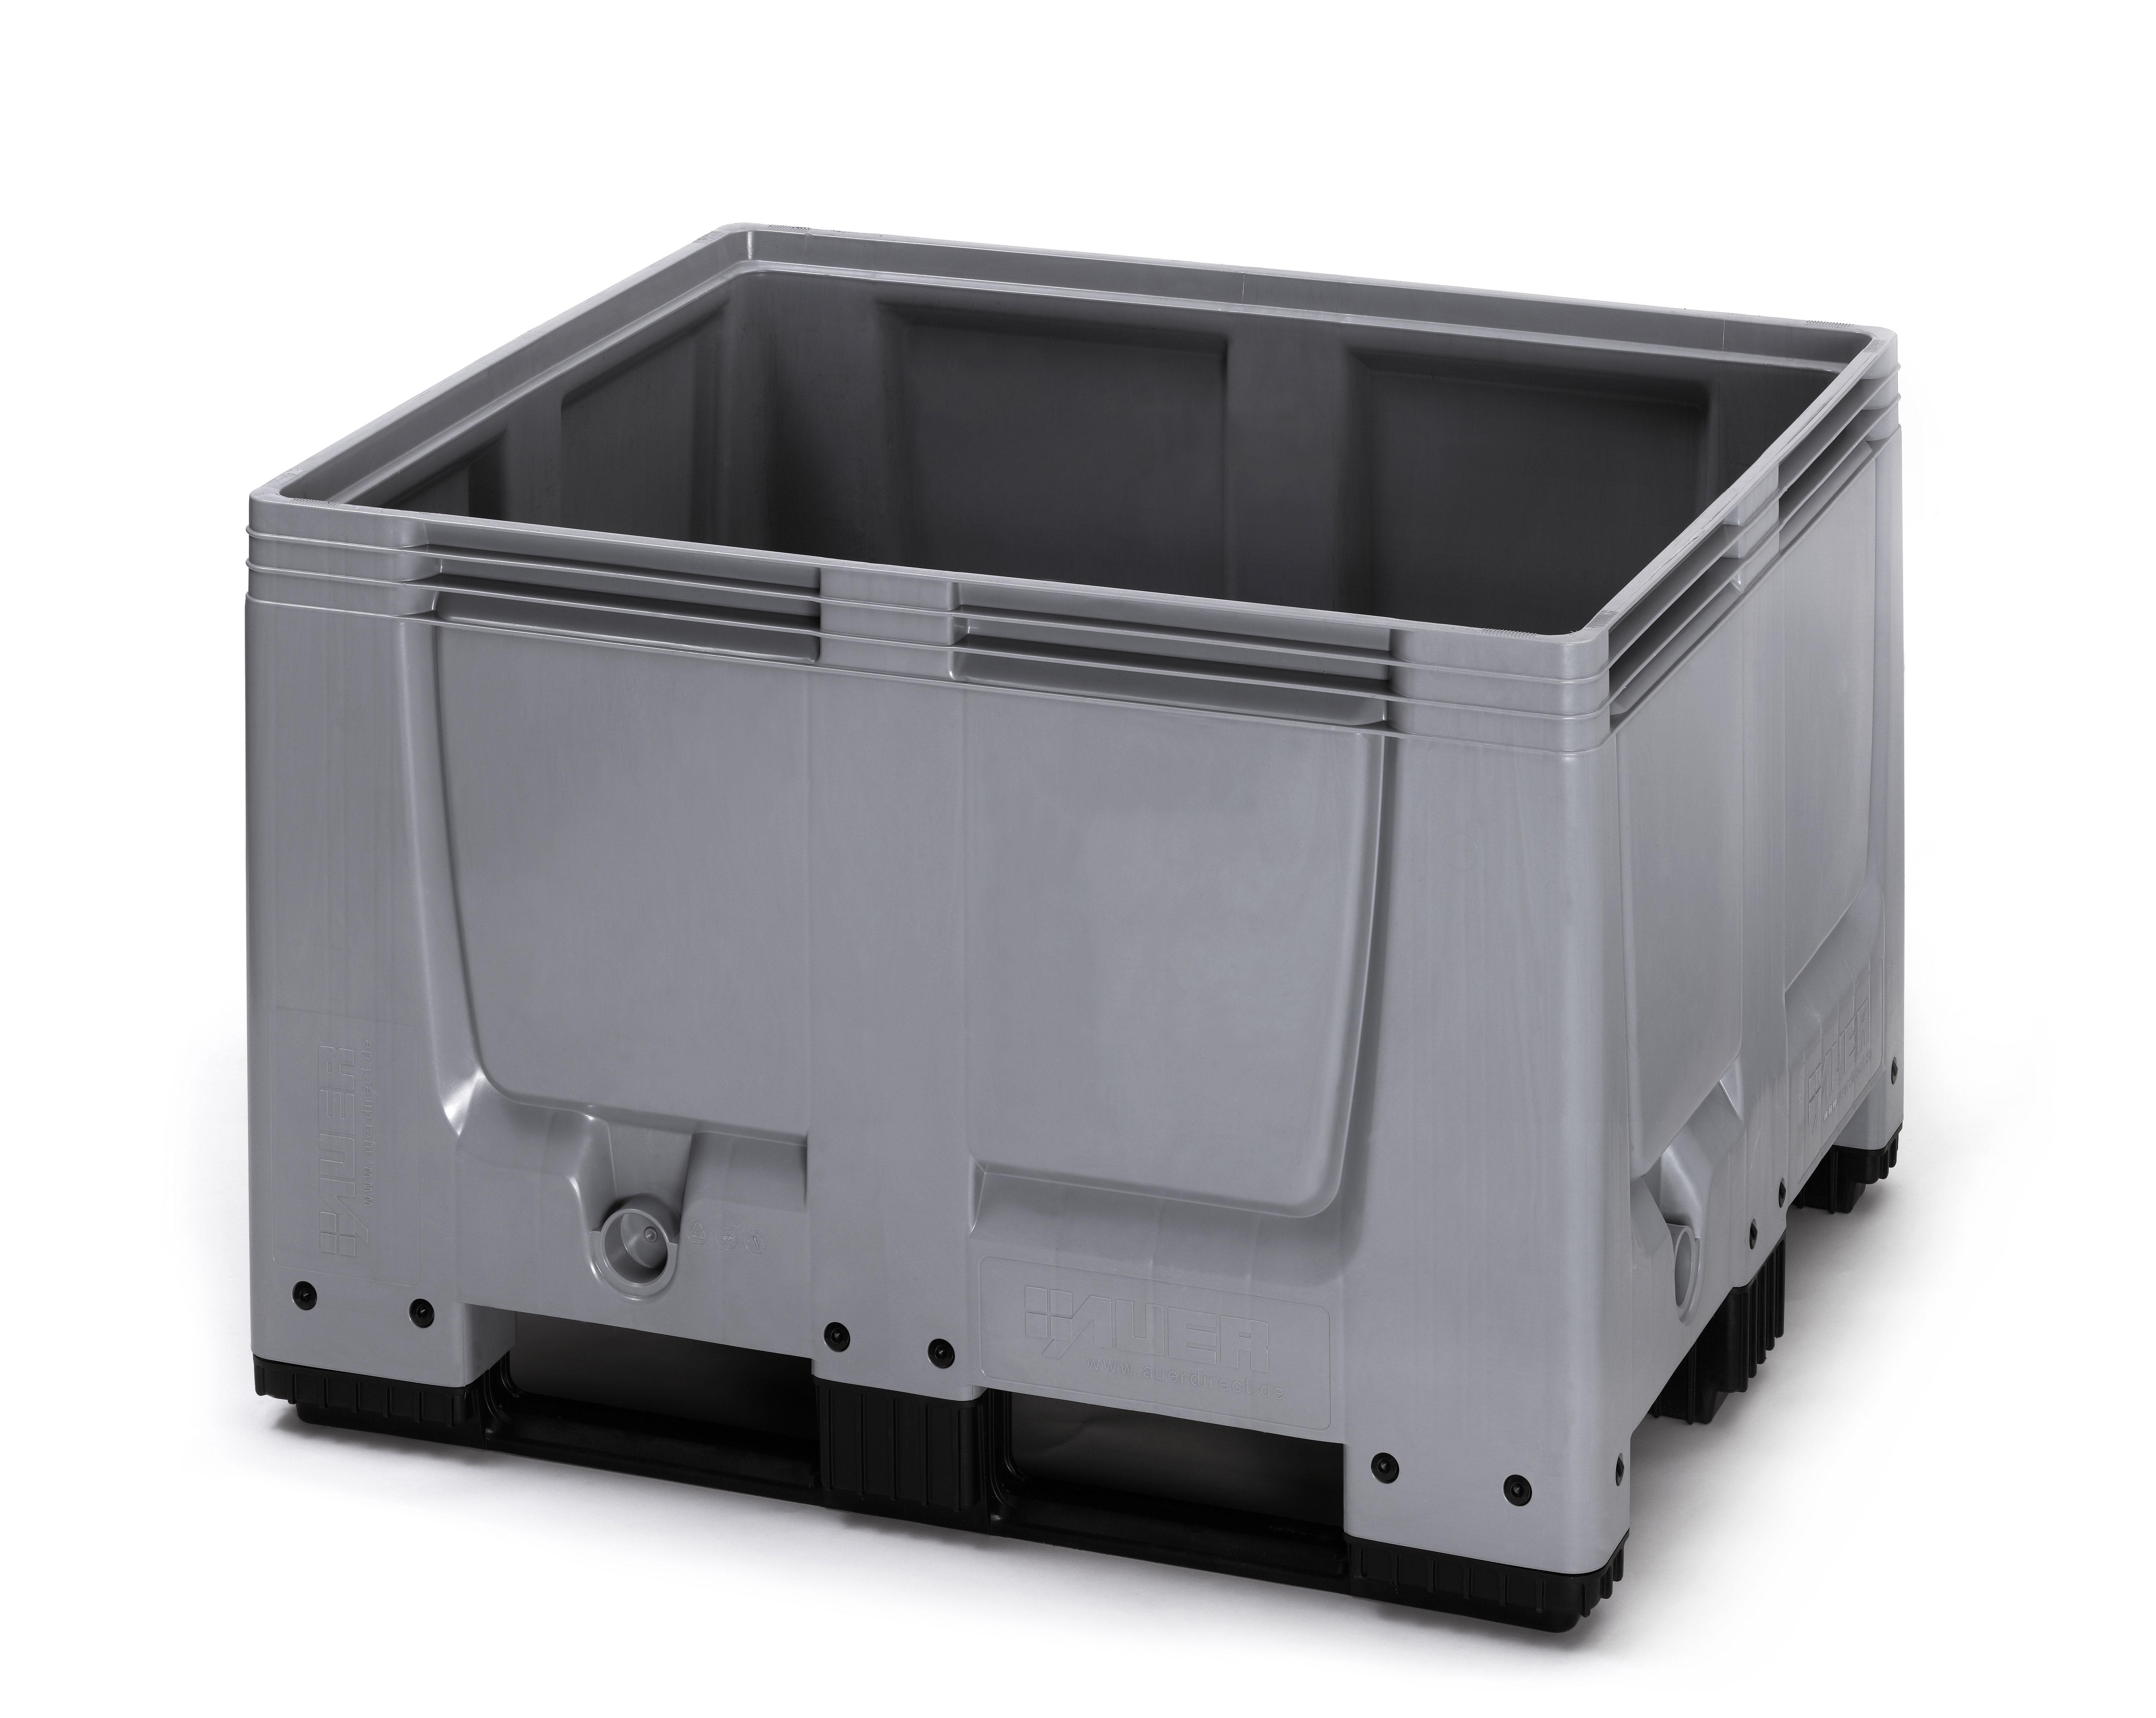 caisses palettes en plastique tous les fournisseurs caisse palette demontable caisse. Black Bedroom Furniture Sets. Home Design Ideas